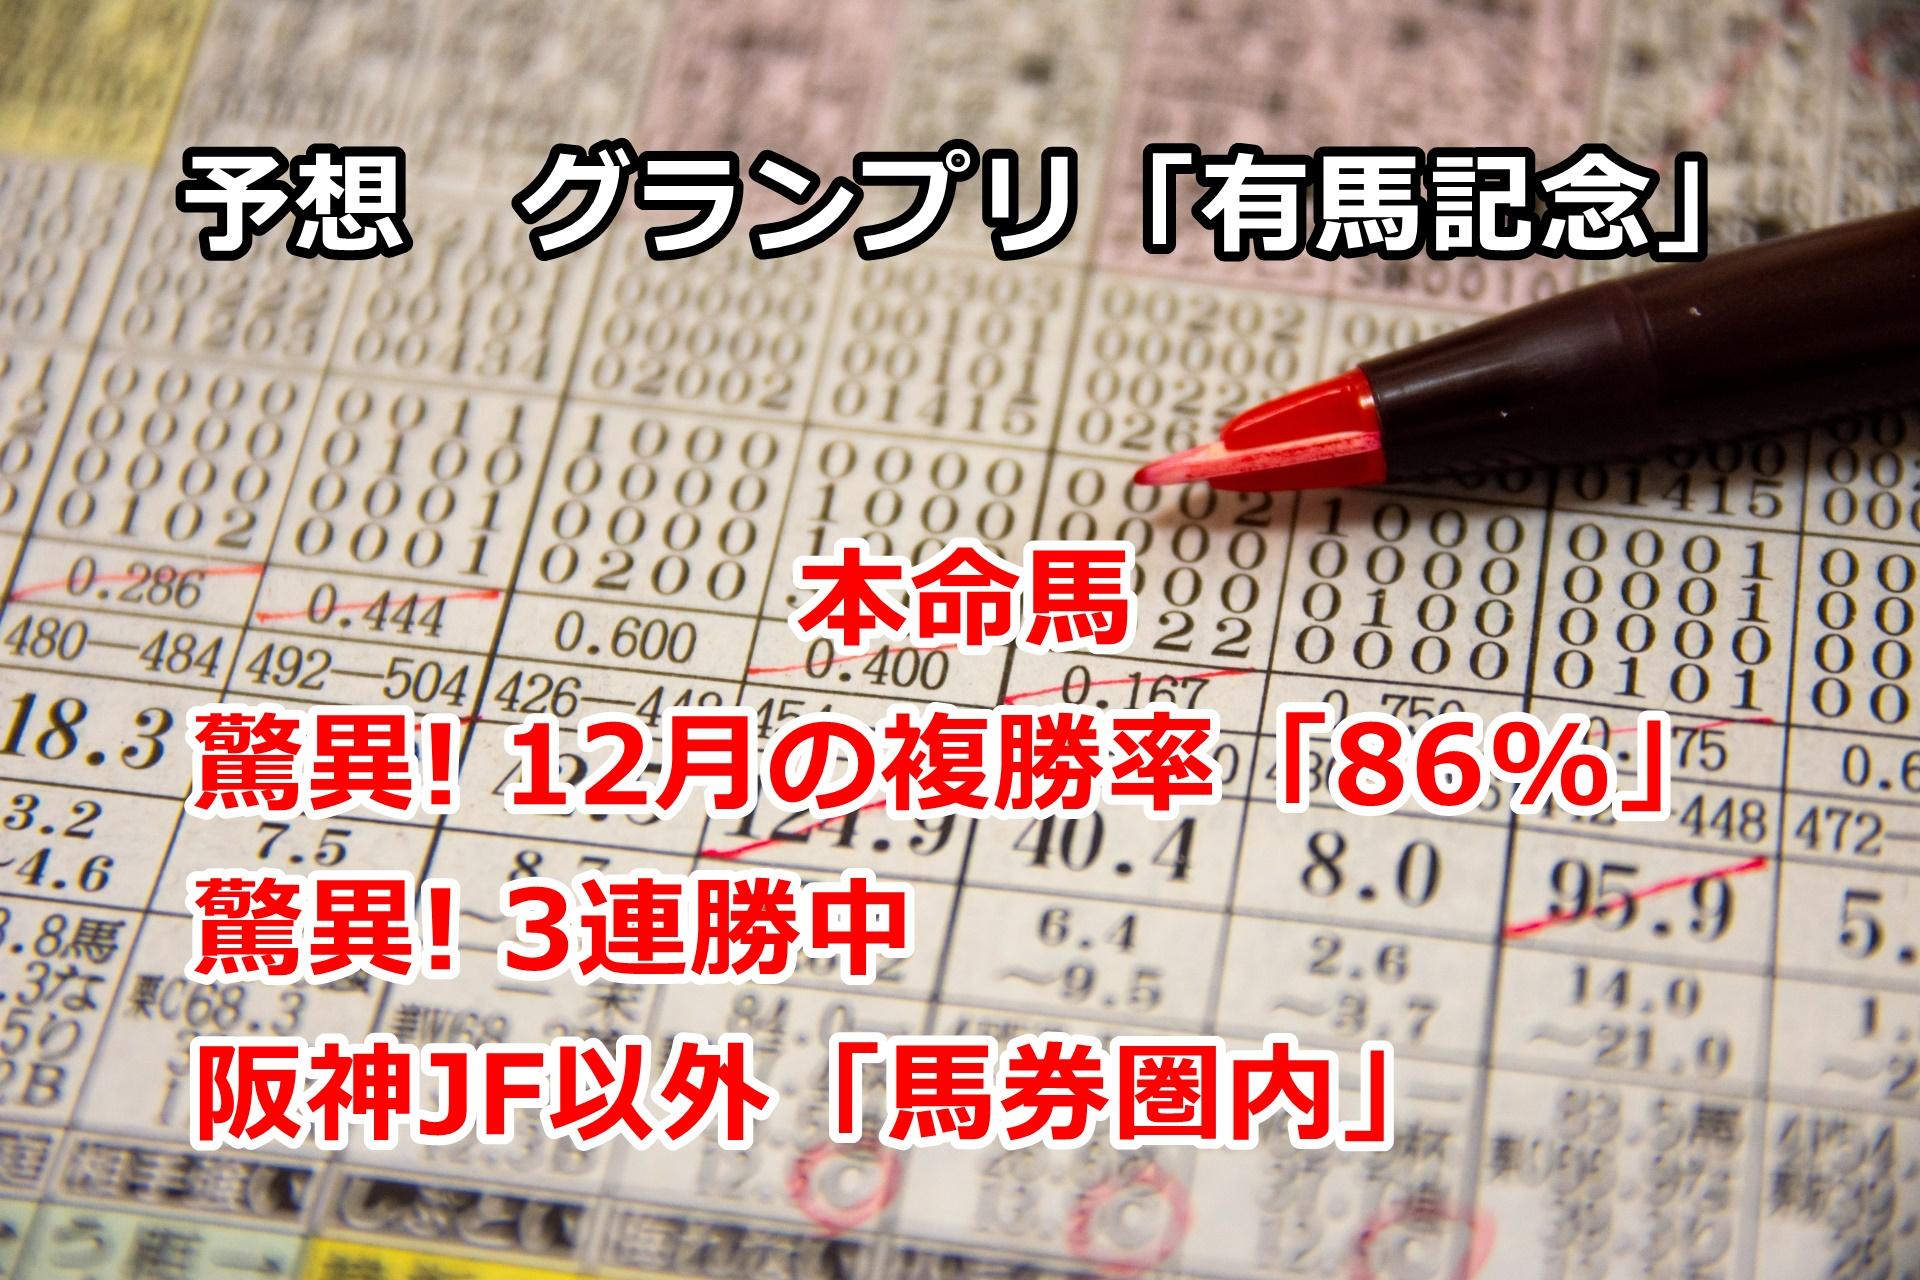 【競馬】本命馬「驚異! 3連勝中」 有馬記念の予想 第28回